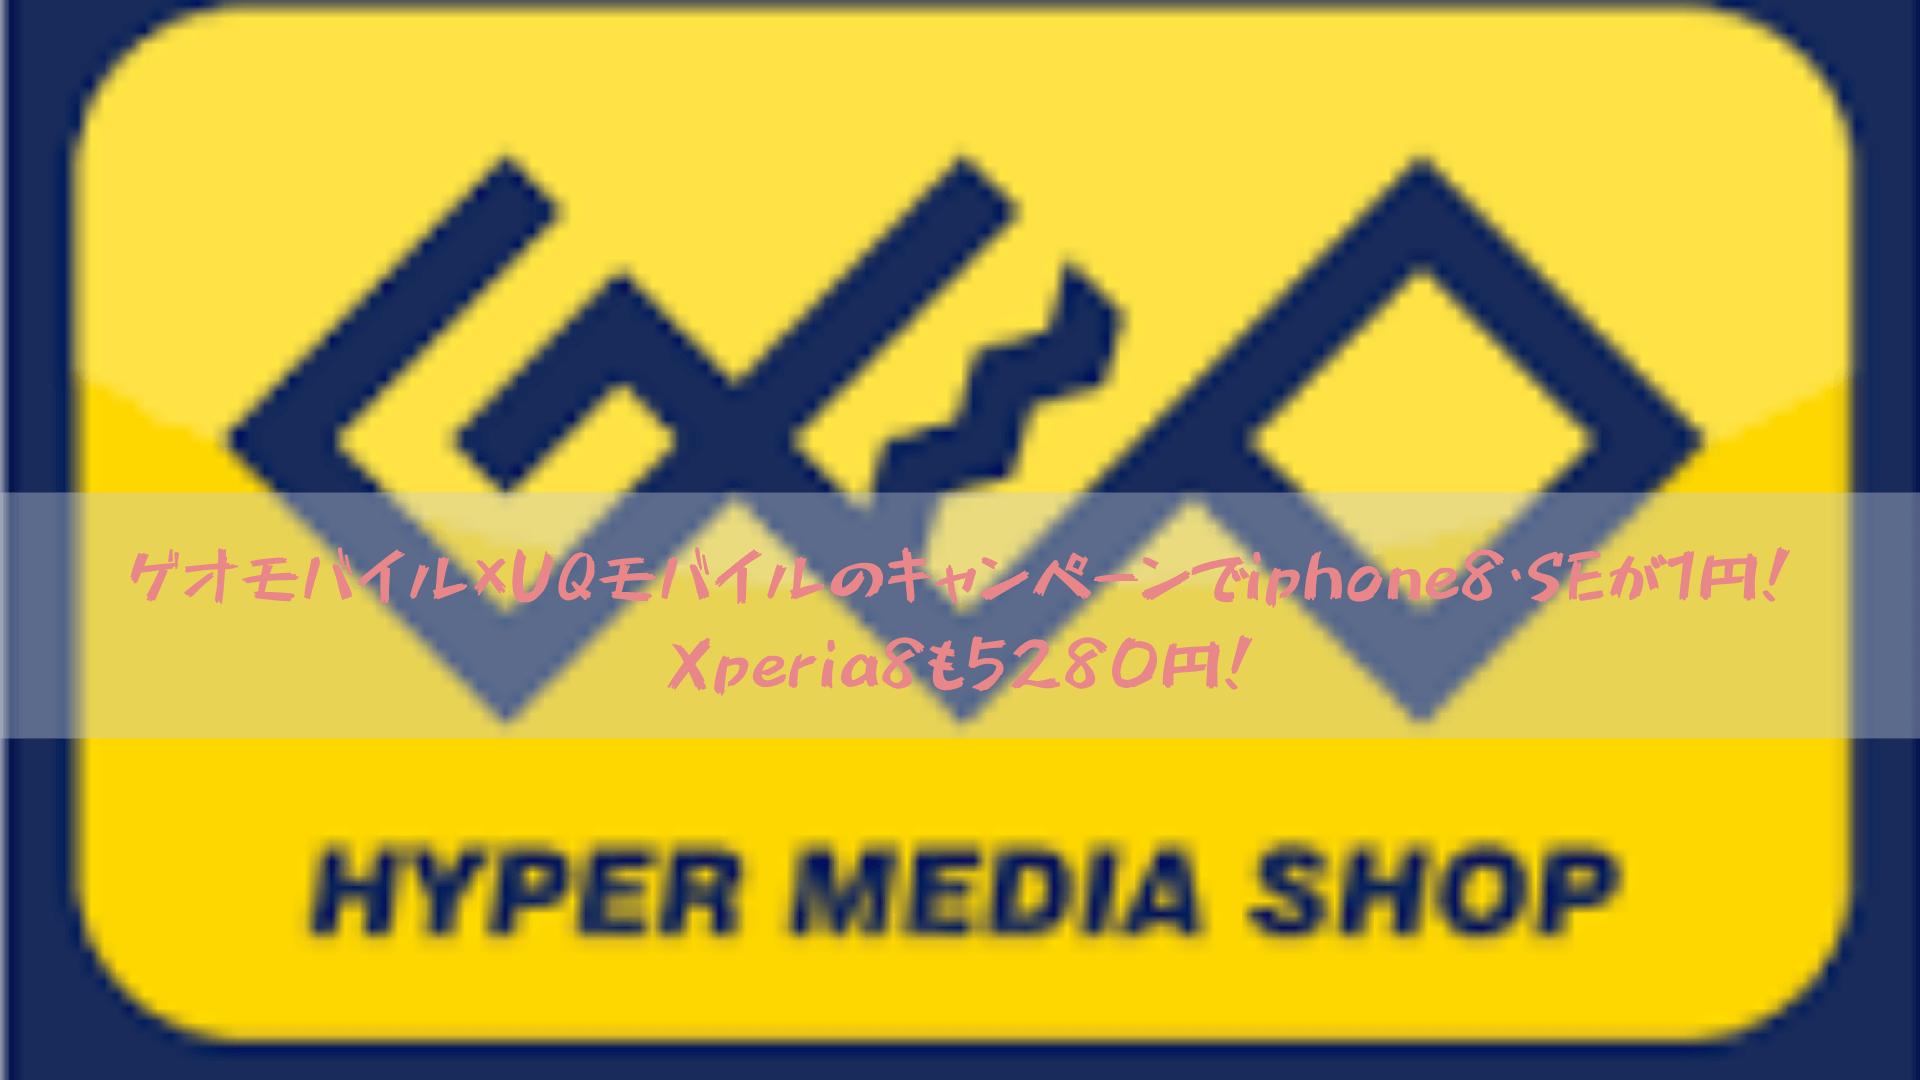 ゲオモバイル×UQモバイルのキャンペーンでiphone8・SEが1円!Xperia8も5280円!